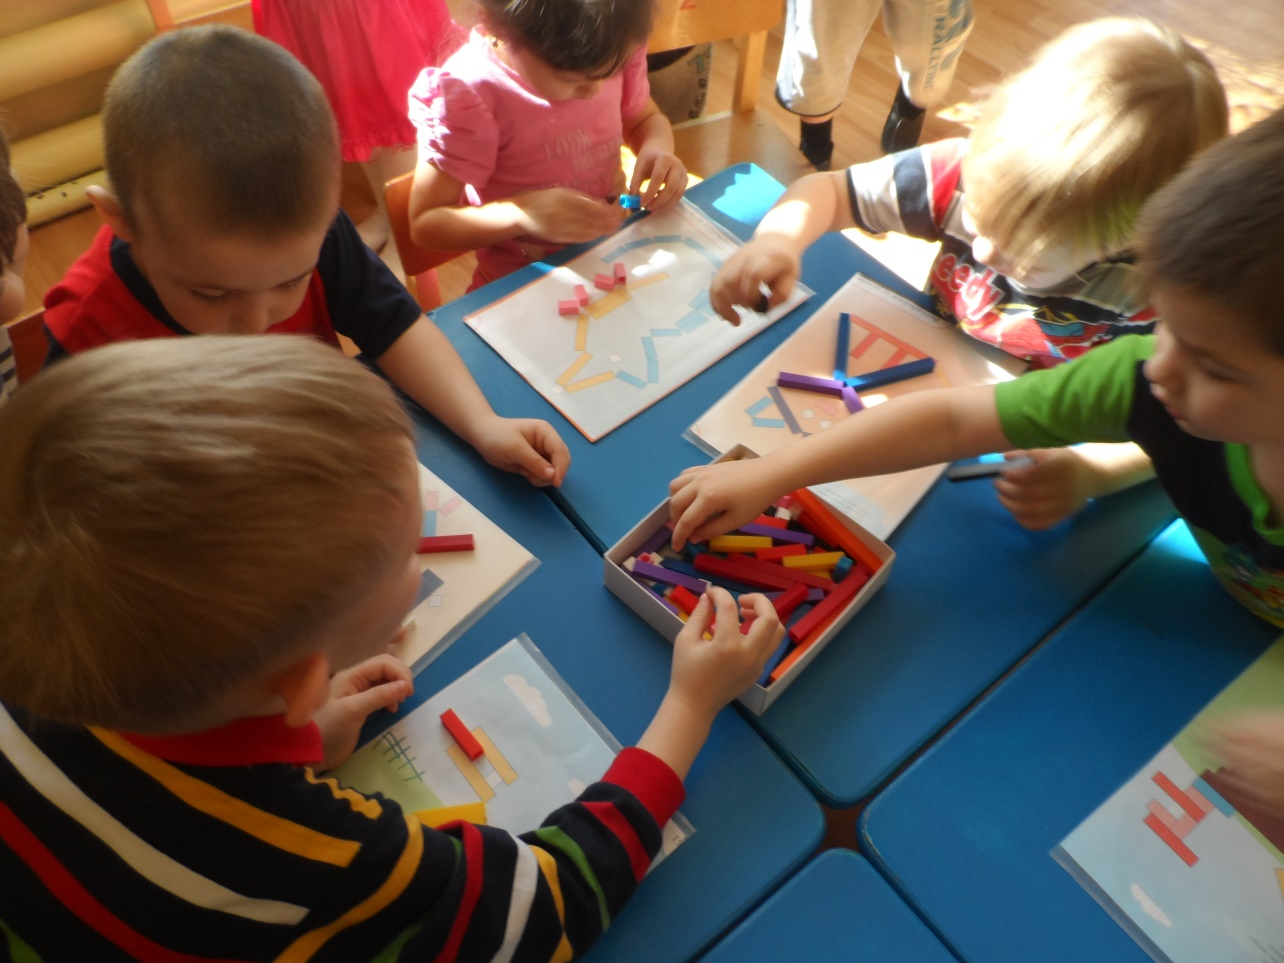 C:\Users\лена\Documents\Детский сад\папка детсад с рабочего стола\детский сад\педчтения\фото для педчтений\SAM_4631.JPG